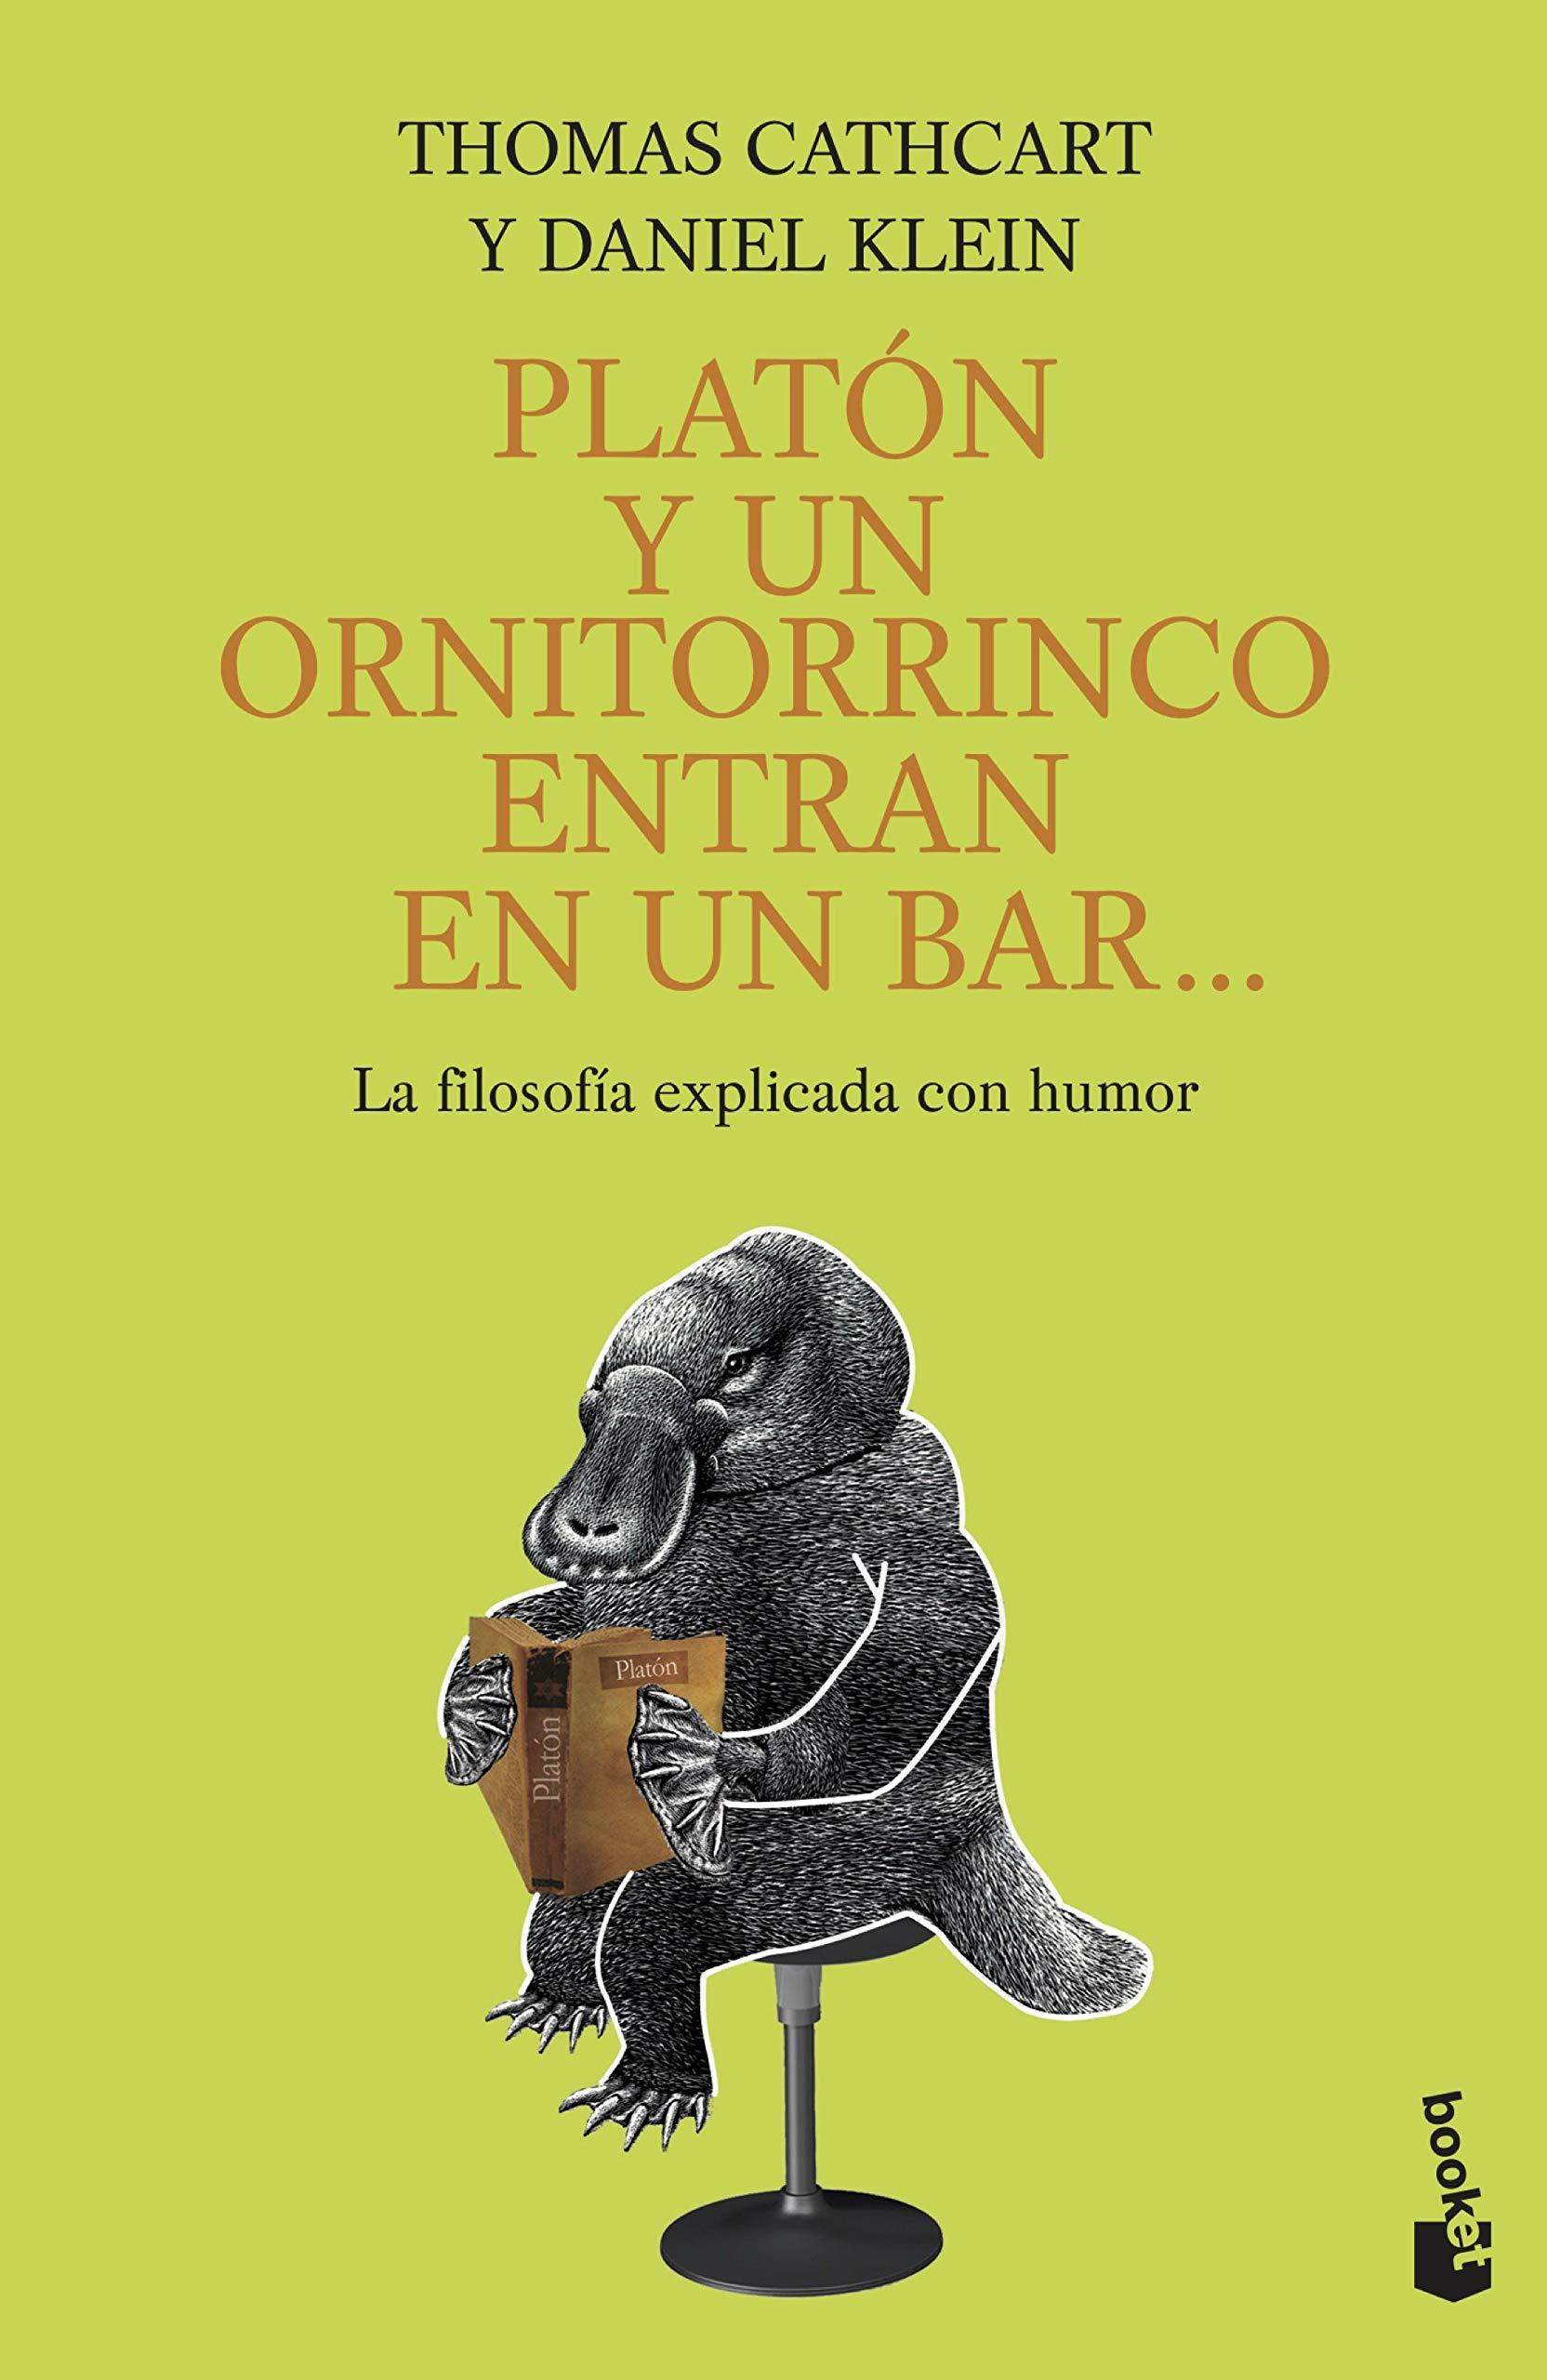 Platón y un ornitorrinco entran en un bar... Divulgación: Amazon ...